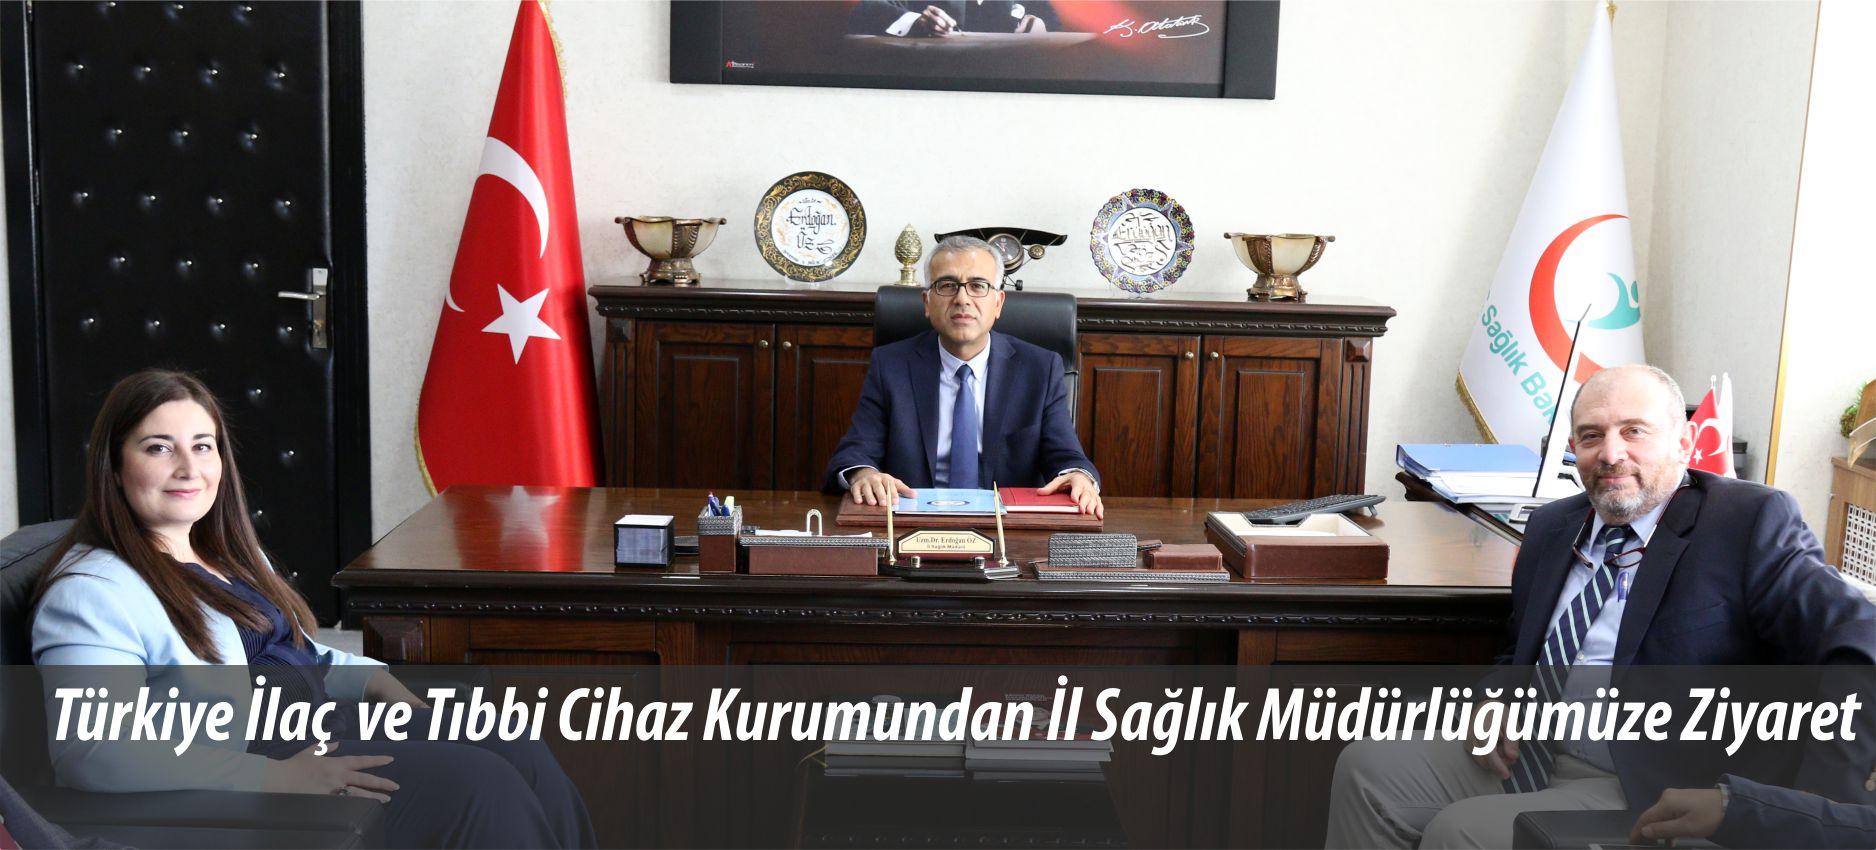 Türkiye İlaç  ve Tıbbi Cihaz Kurumundan İl Sağlık Müdürlüğümüze Ziyaret.jpg